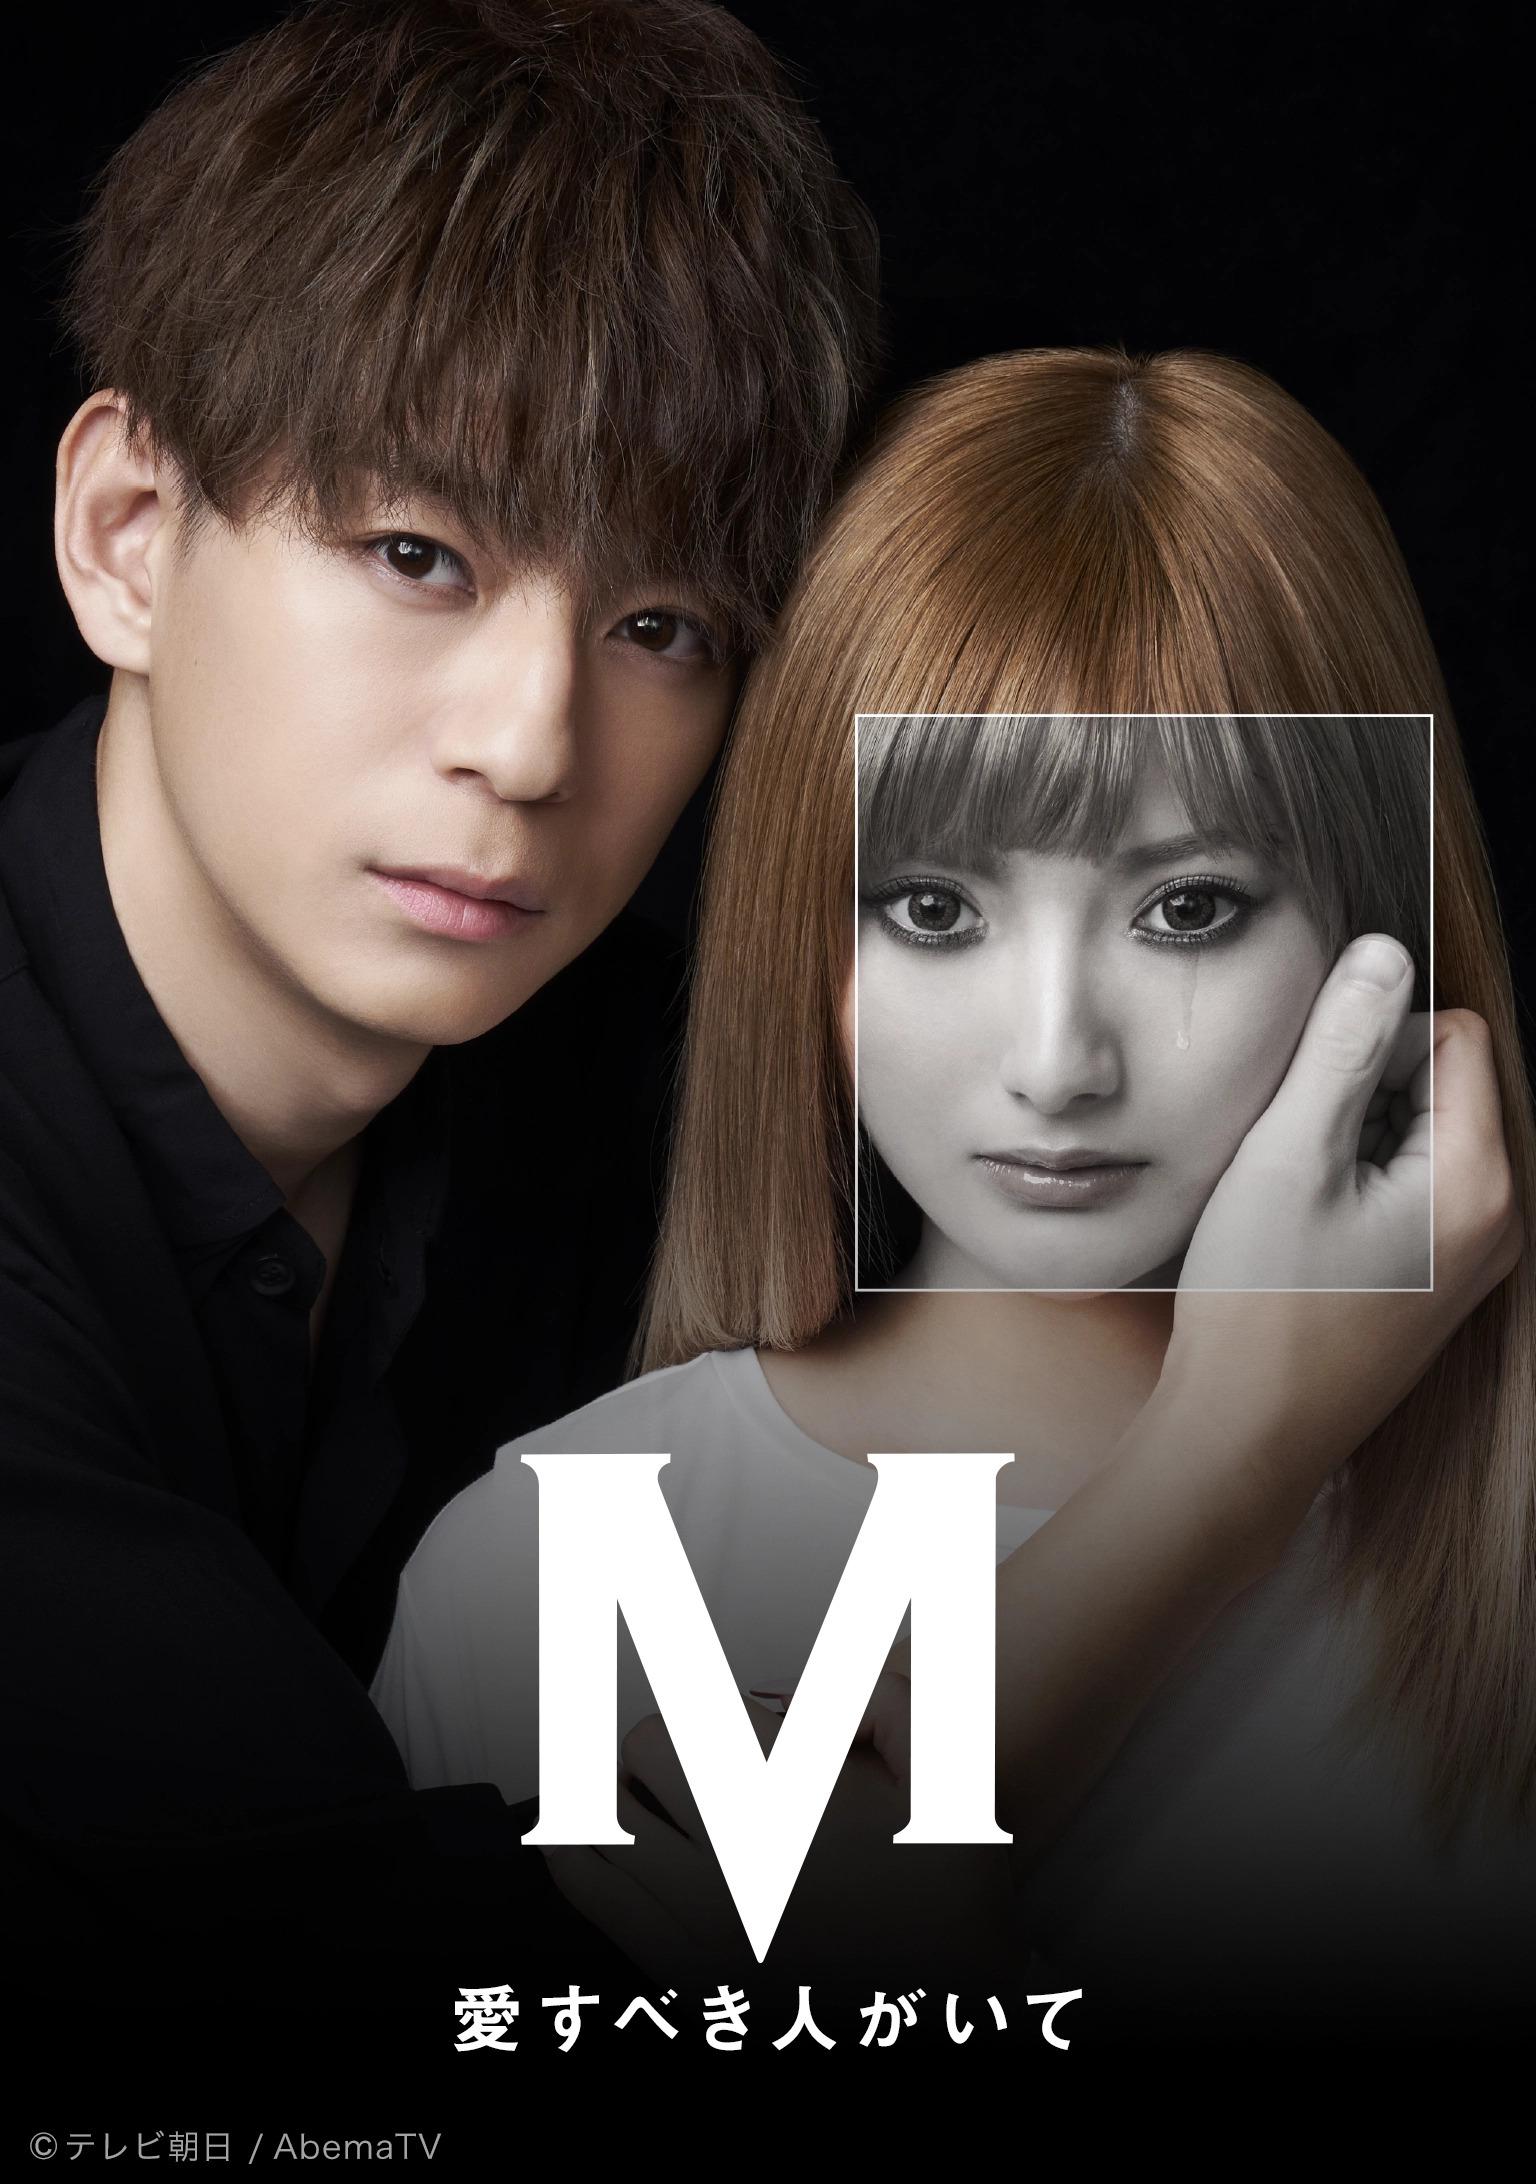 M 愛すべき人がいて(ドラマ)